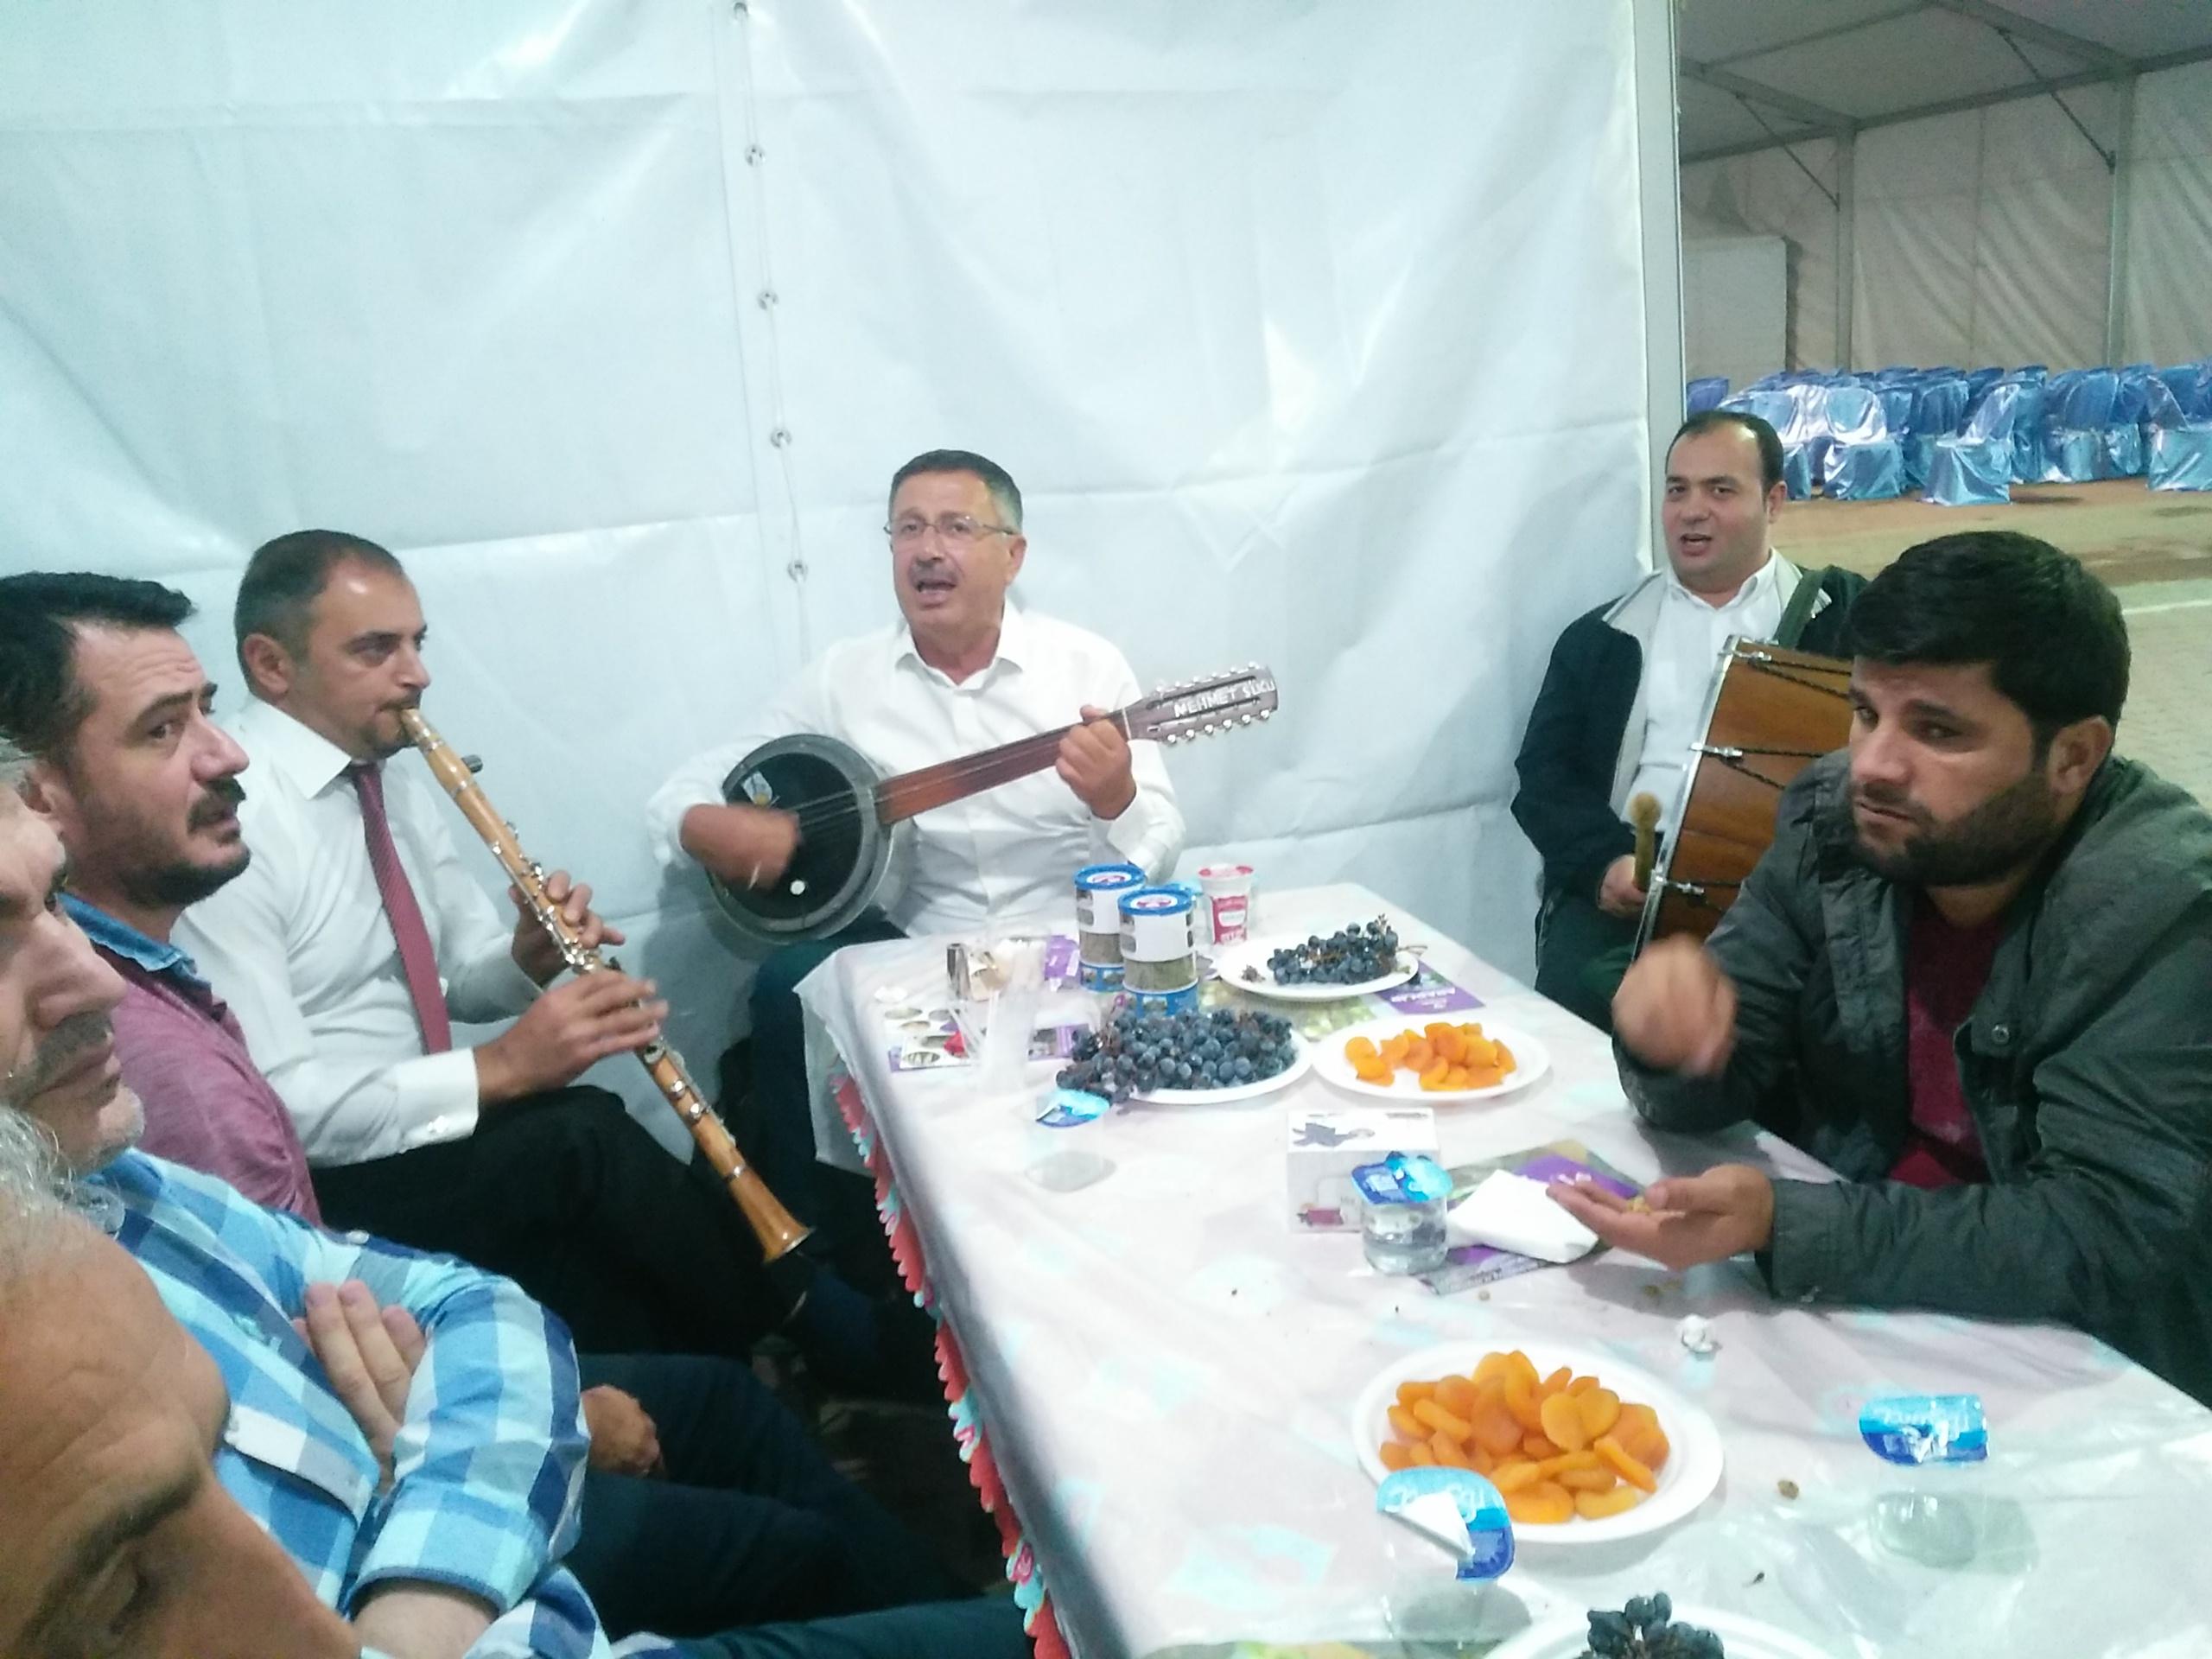 Cümbüşün teli, klarnetin sesi Arapgir üzüm Festivali'nde